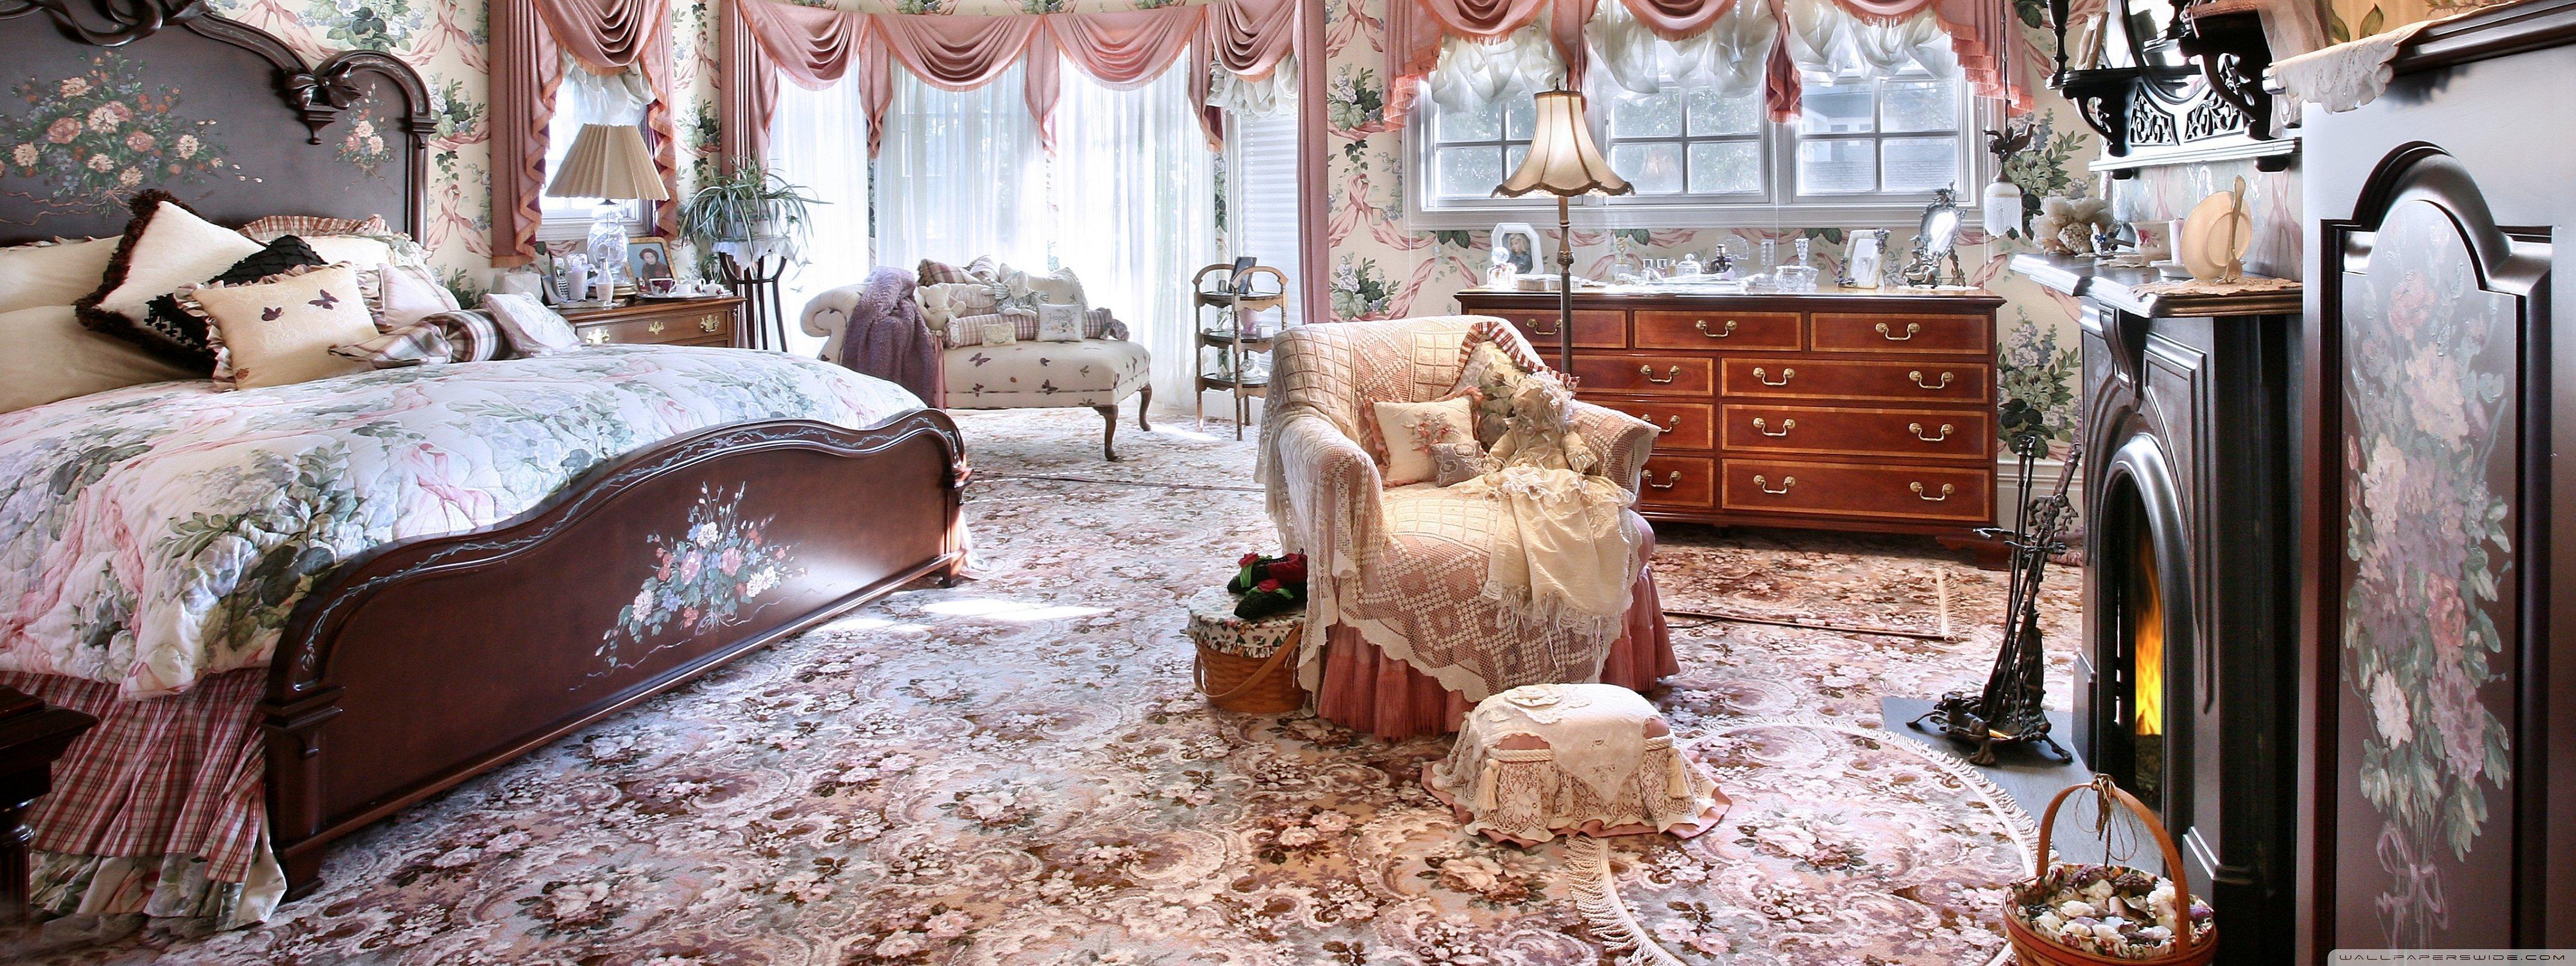 Красивые спальни в стиле барокко